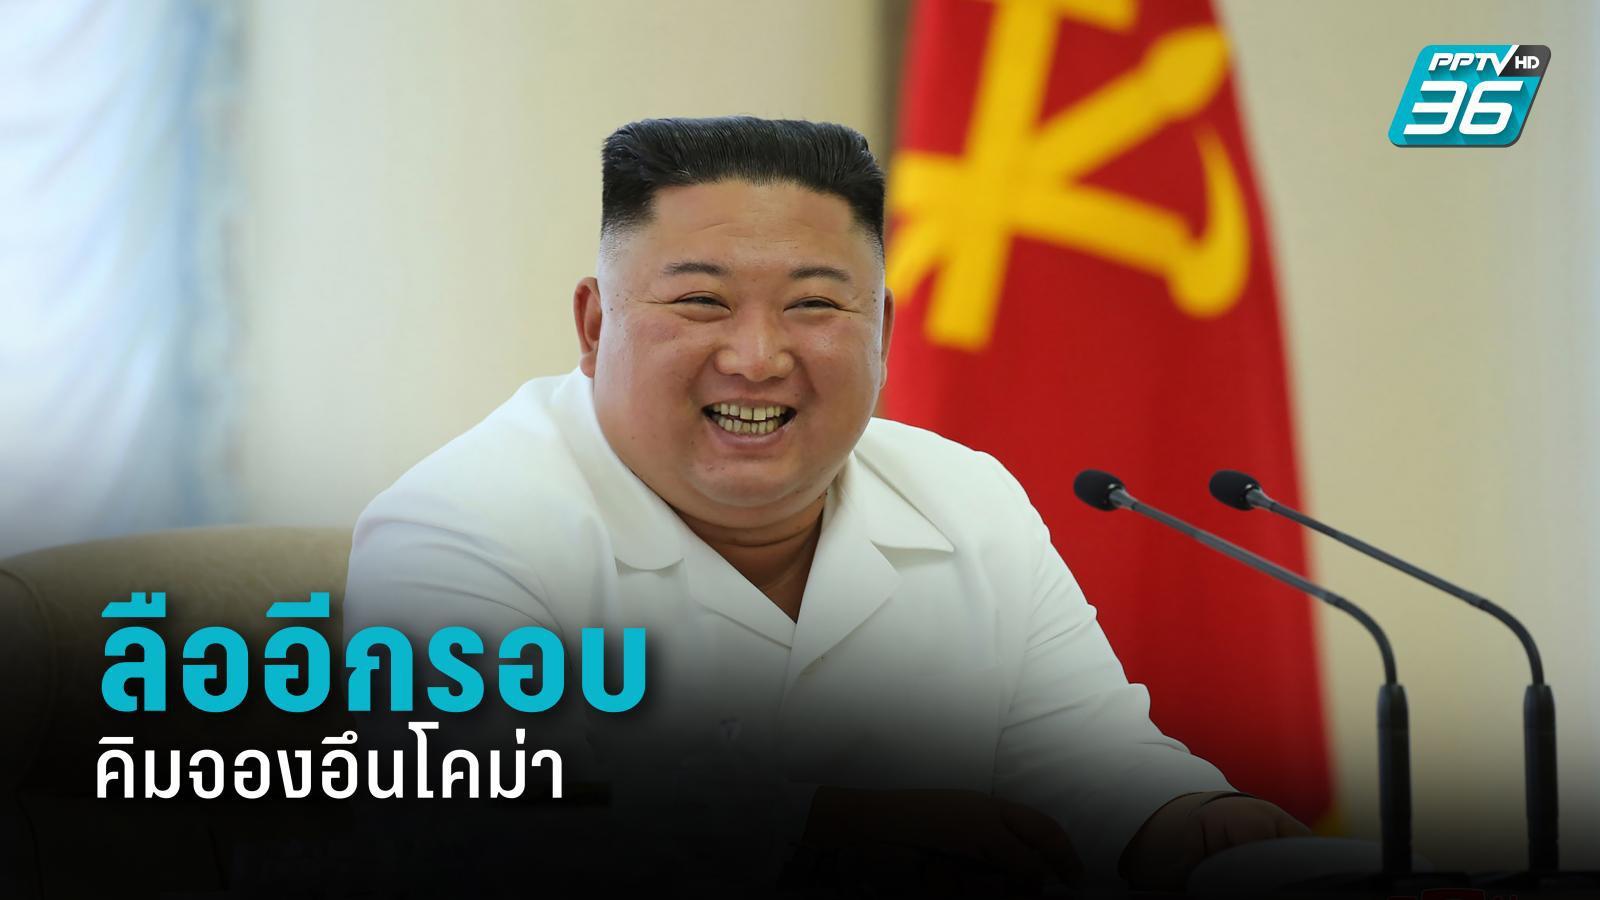 """ลืออีกรอบ """"คิมจองอึน โคม่า"""" น้องสาวบริหารประเทศแทน"""